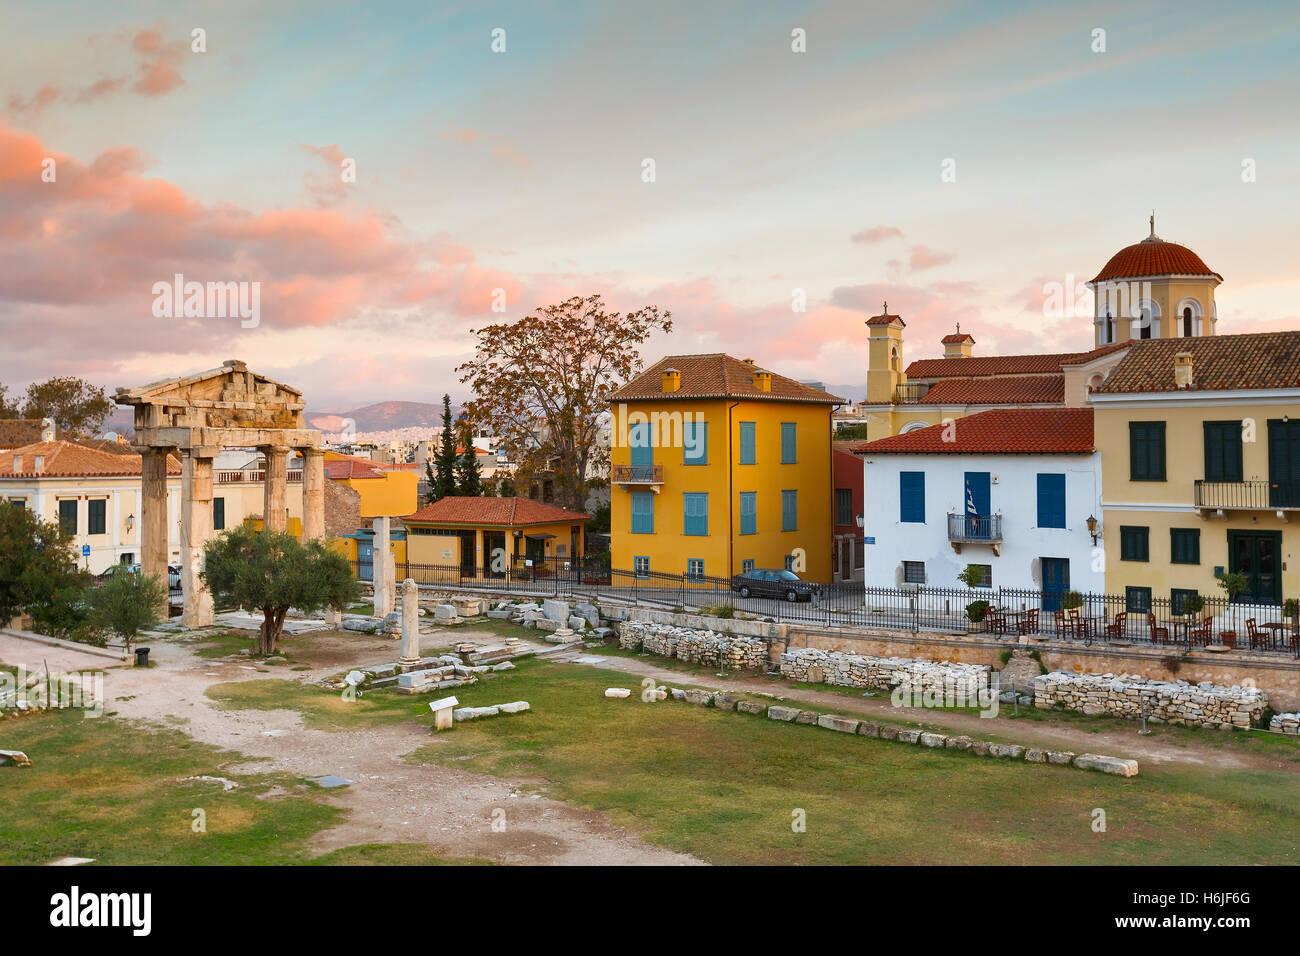 Alte Ruinen in Stadt von Athen. Stockbild